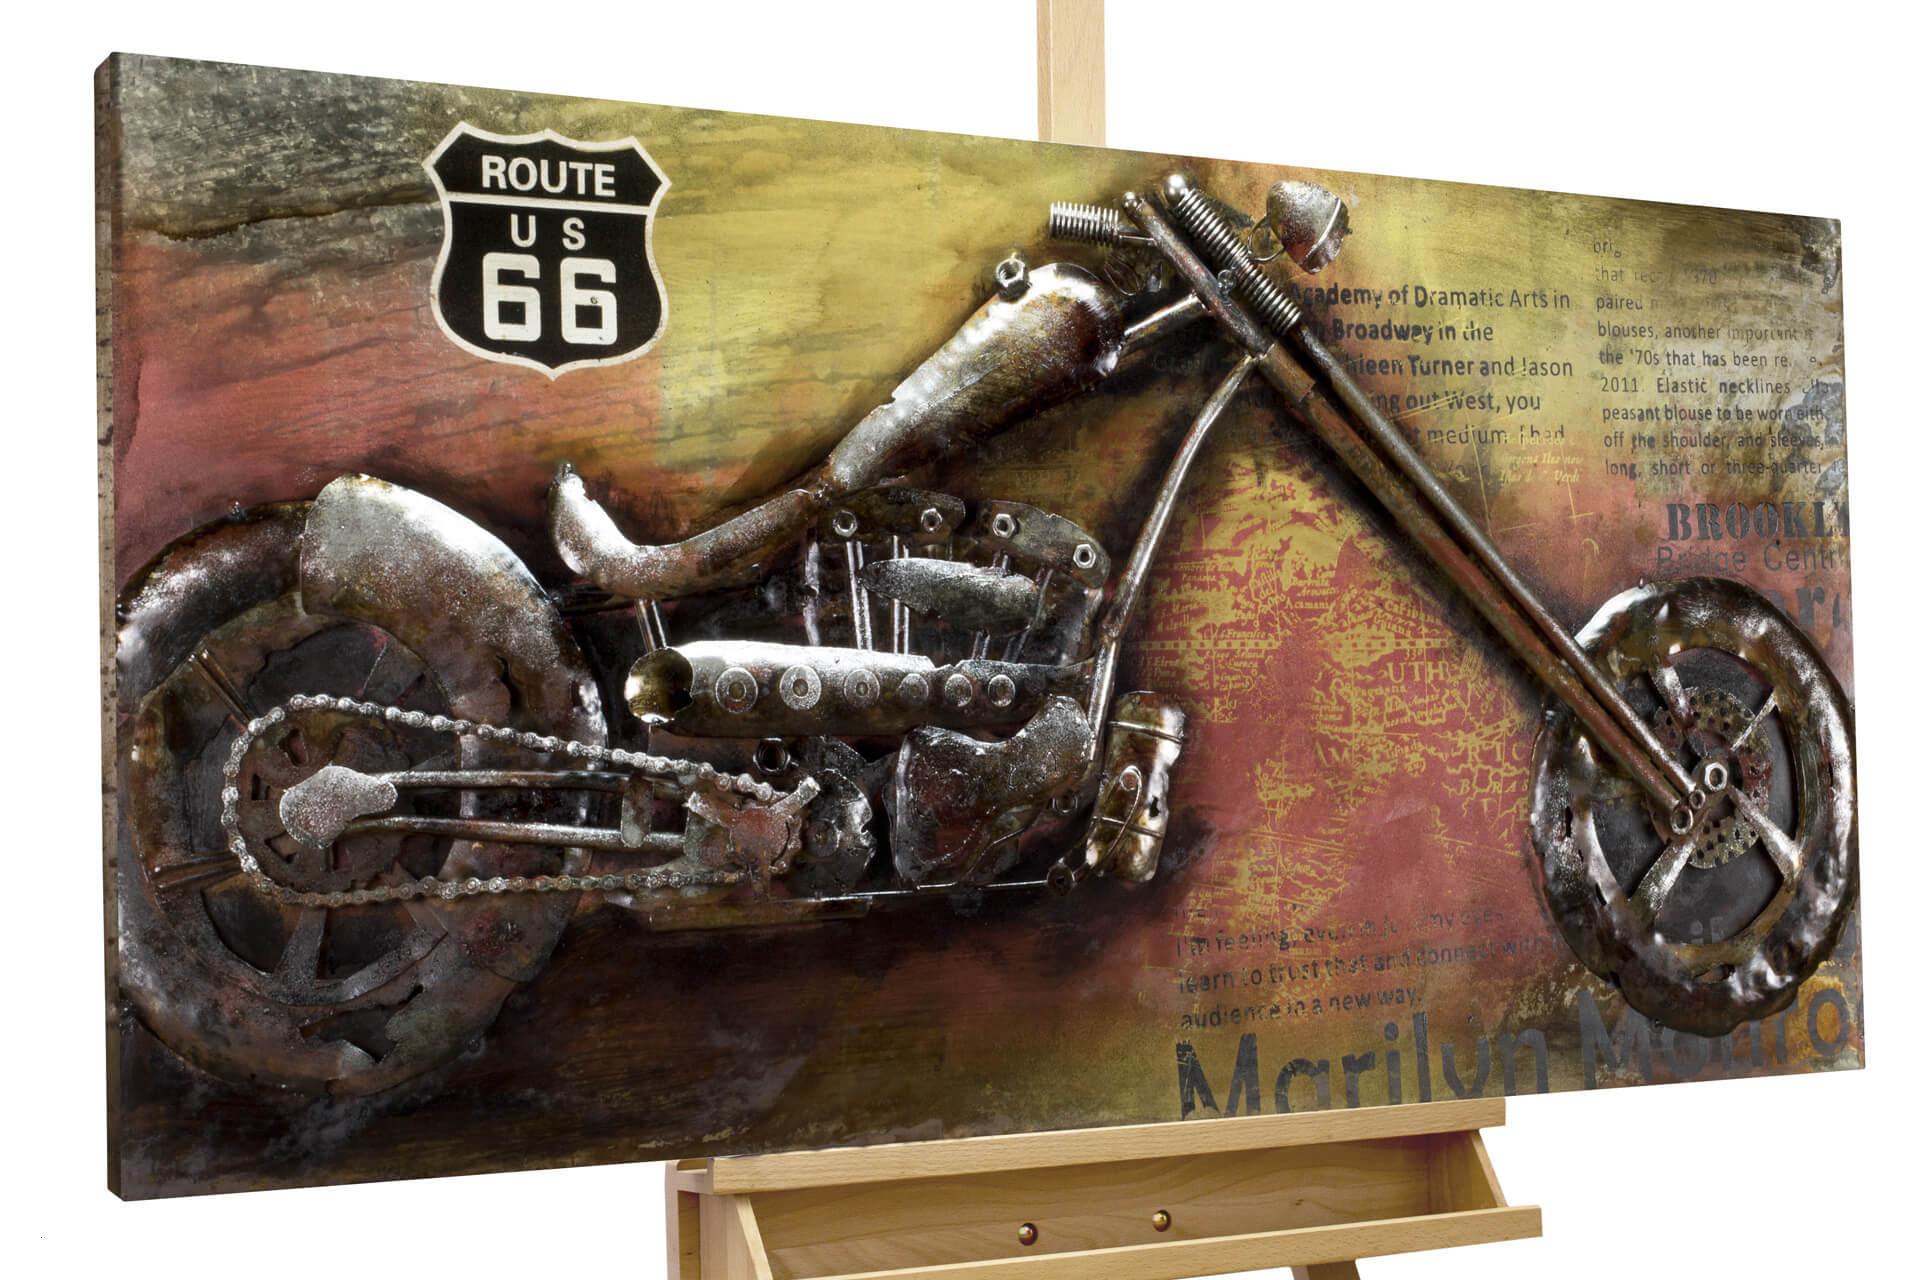 Motorrad Zum Ausmalen Frisch 3d Metallbild Relief Motorrad Rot Kaufen Einzigartig Ausmalbilder Bilder